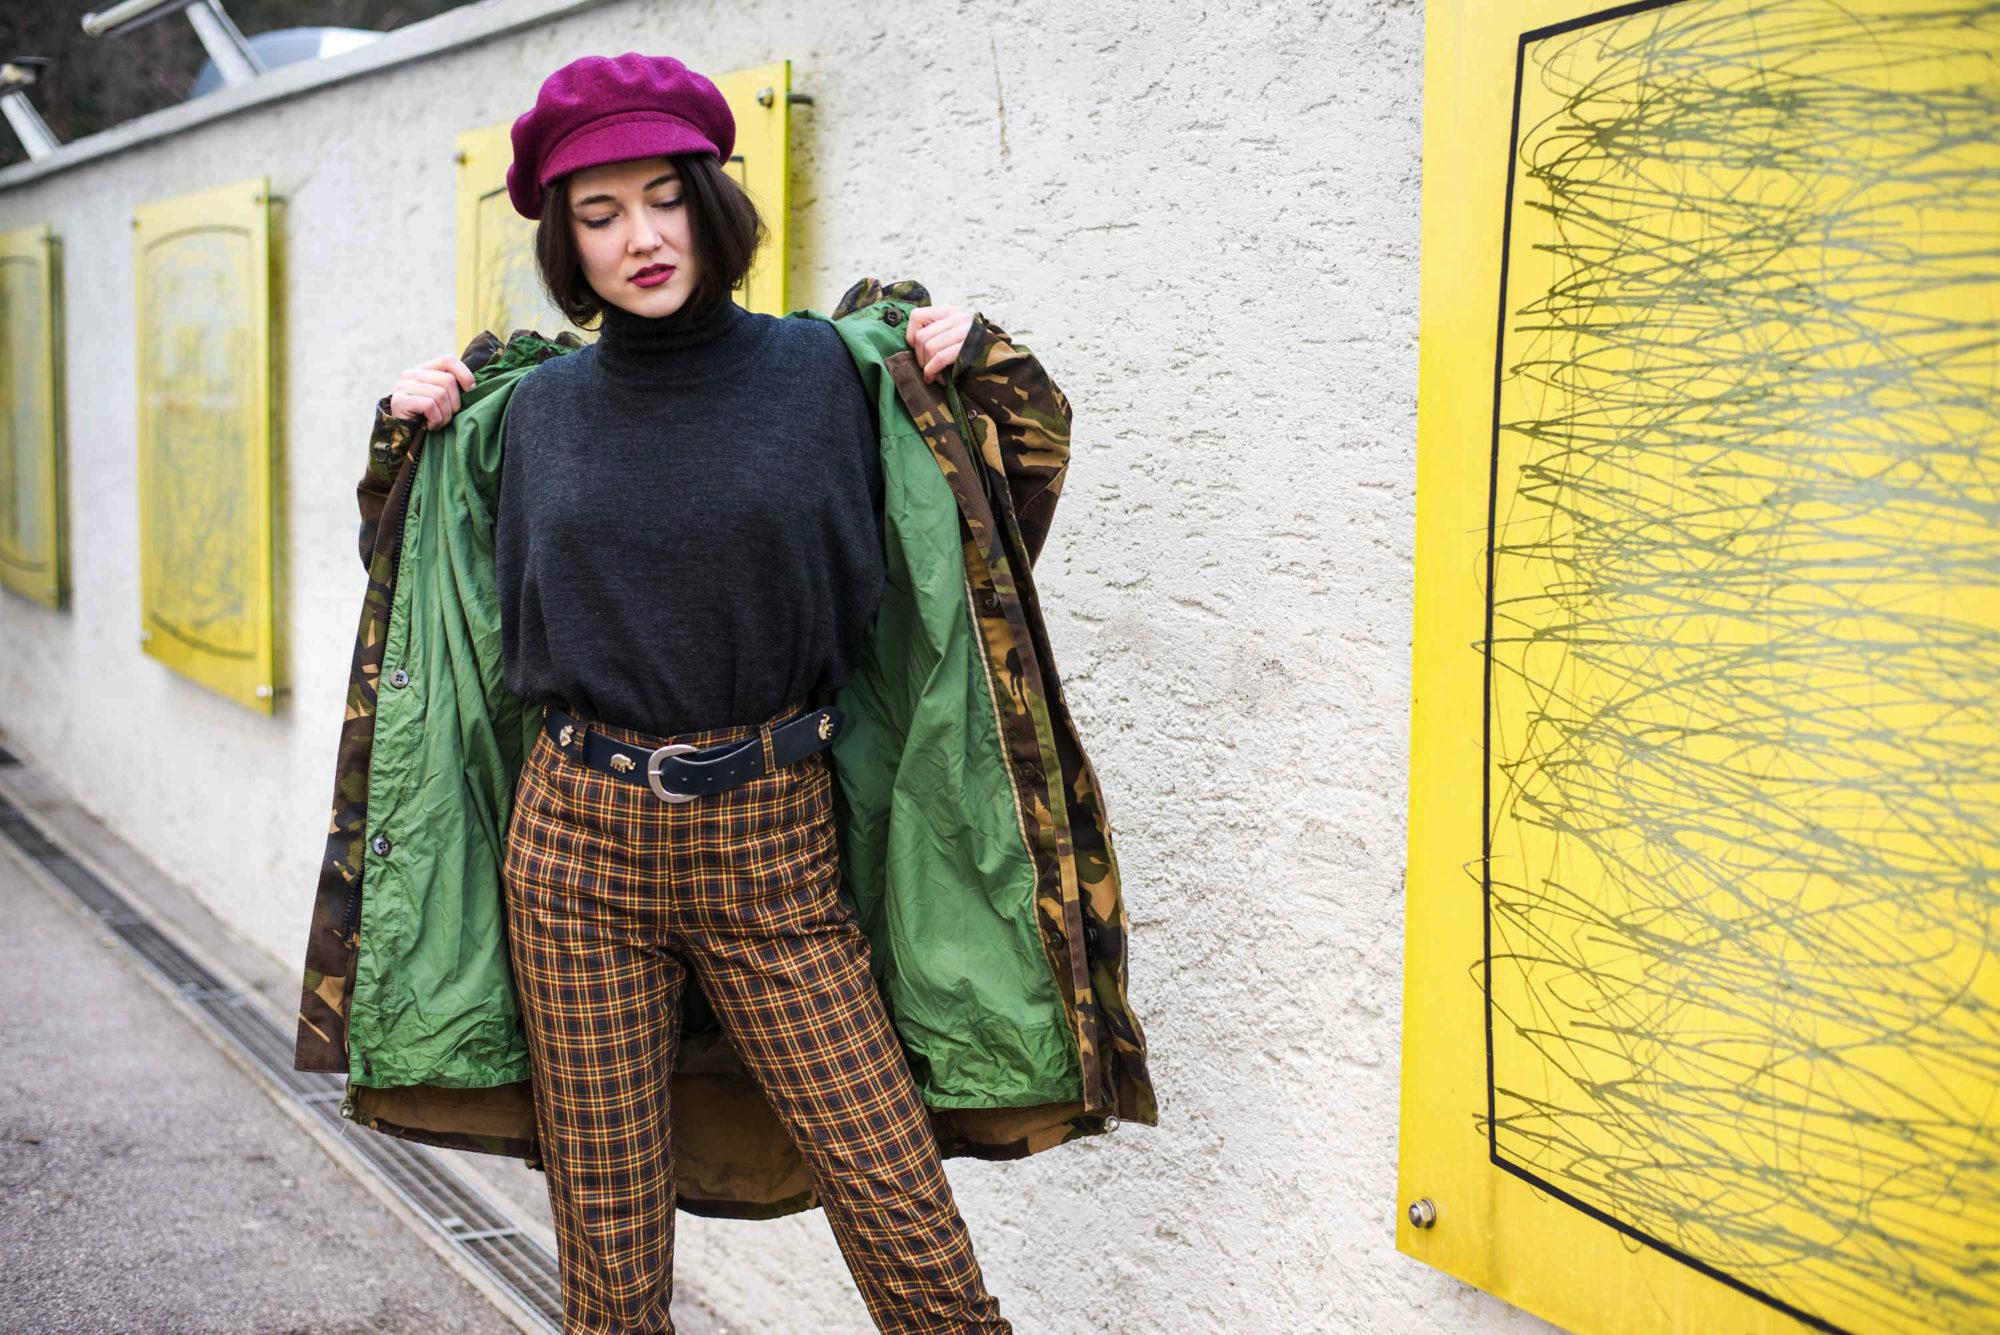 Karierte Hose Outfit Hipster Retro Vintage Mode Dogdays of Summer Vintage Onlineshop Graz Steiermark Österreich